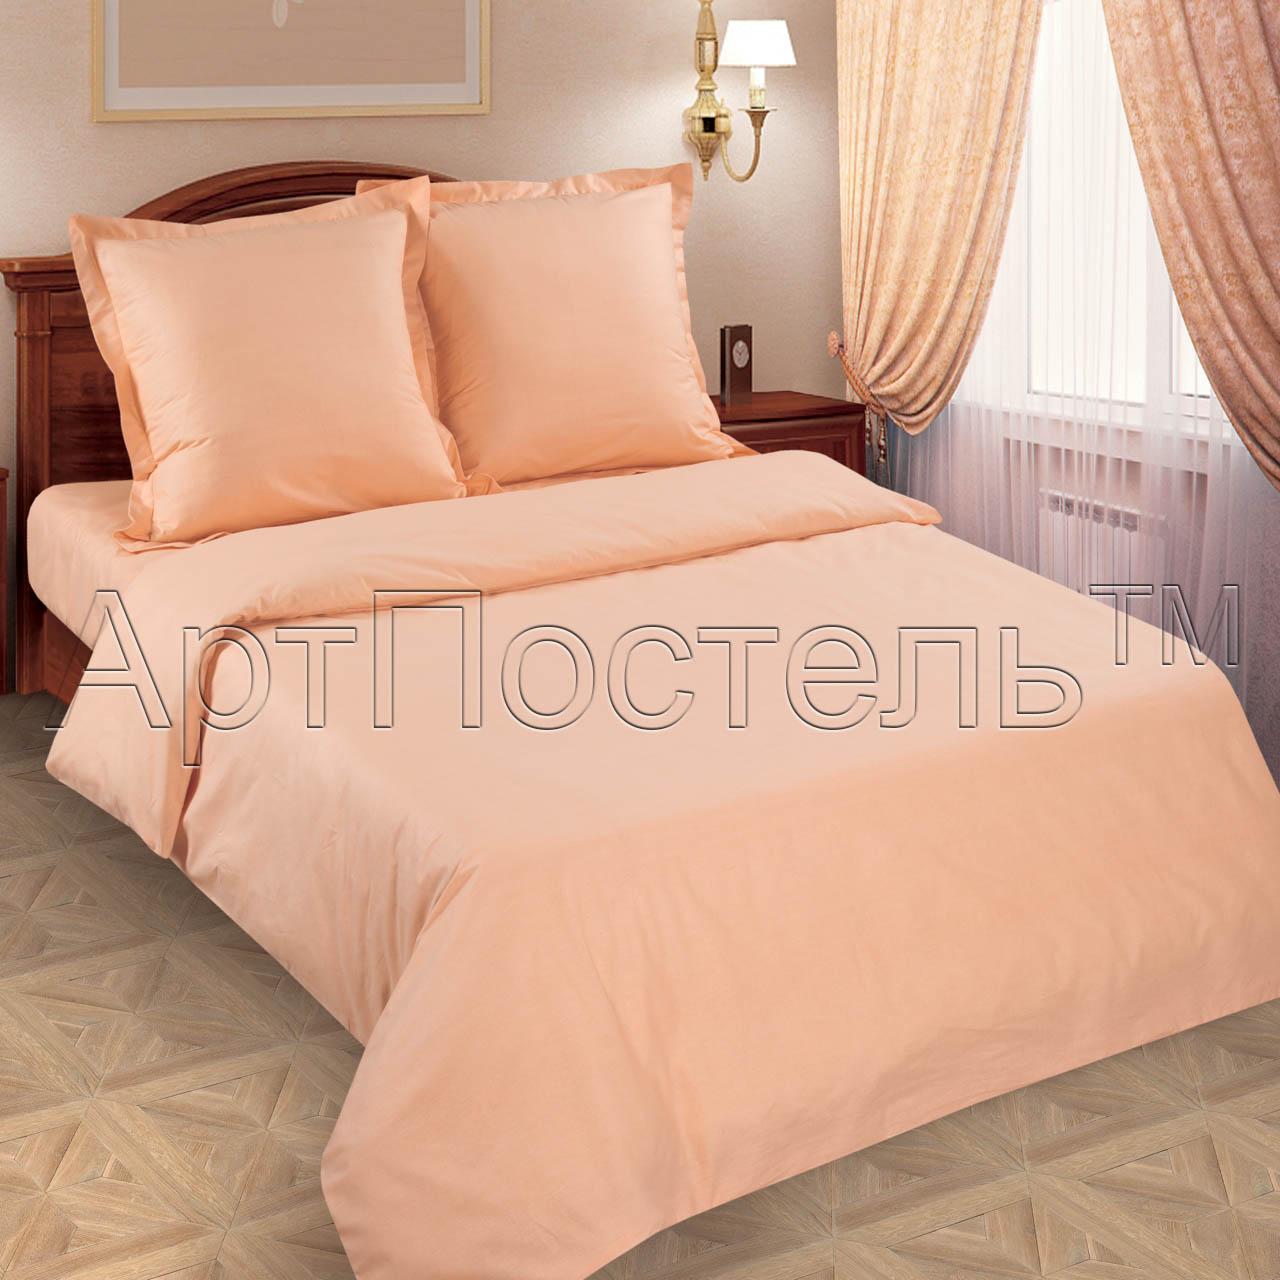 Комплект Персик, размер 2,0-спальный с европростынейПоплин<br>Плотность ткани:115 г/кв. м<br>Пододеяльник:217х175 см - 1 шт.<br>Простыня:220х240 см - 1 шт.<br>Наволочка:70х70 см - 2 шт.<br><br>Тип: КПБ<br>Размер: 2,0-сп. евро<br>Материал: Поплин